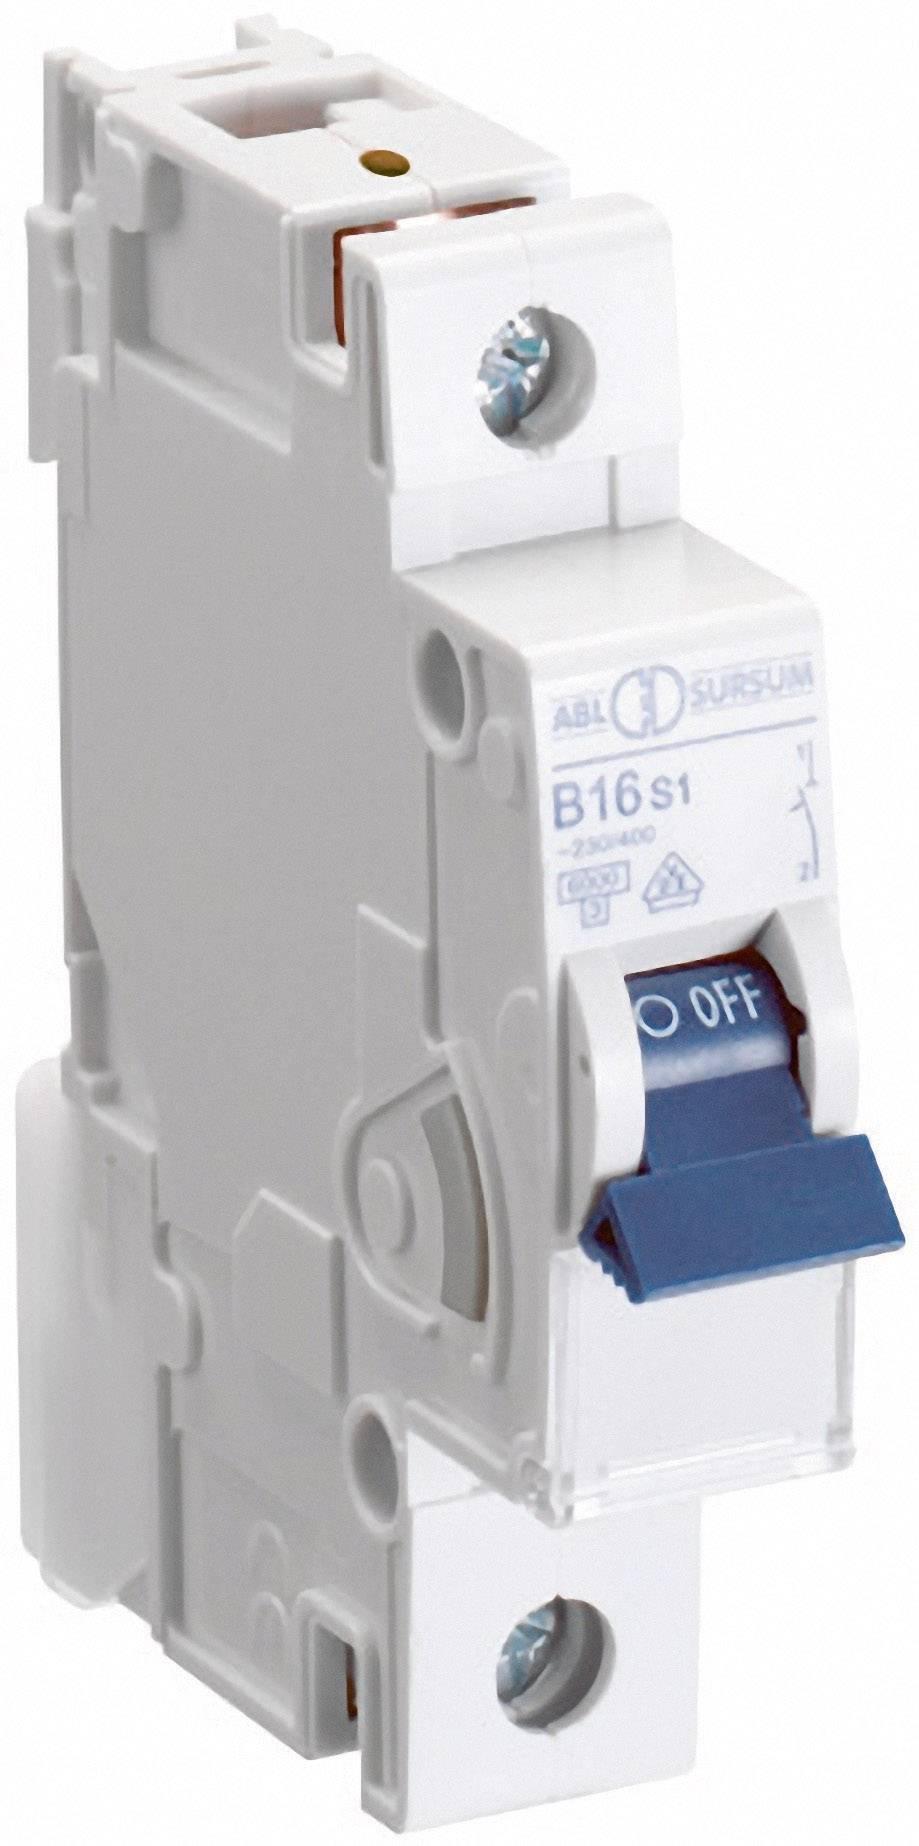 Elektrický istič ABL Sursum B13S1, 1-pólový, 13 A